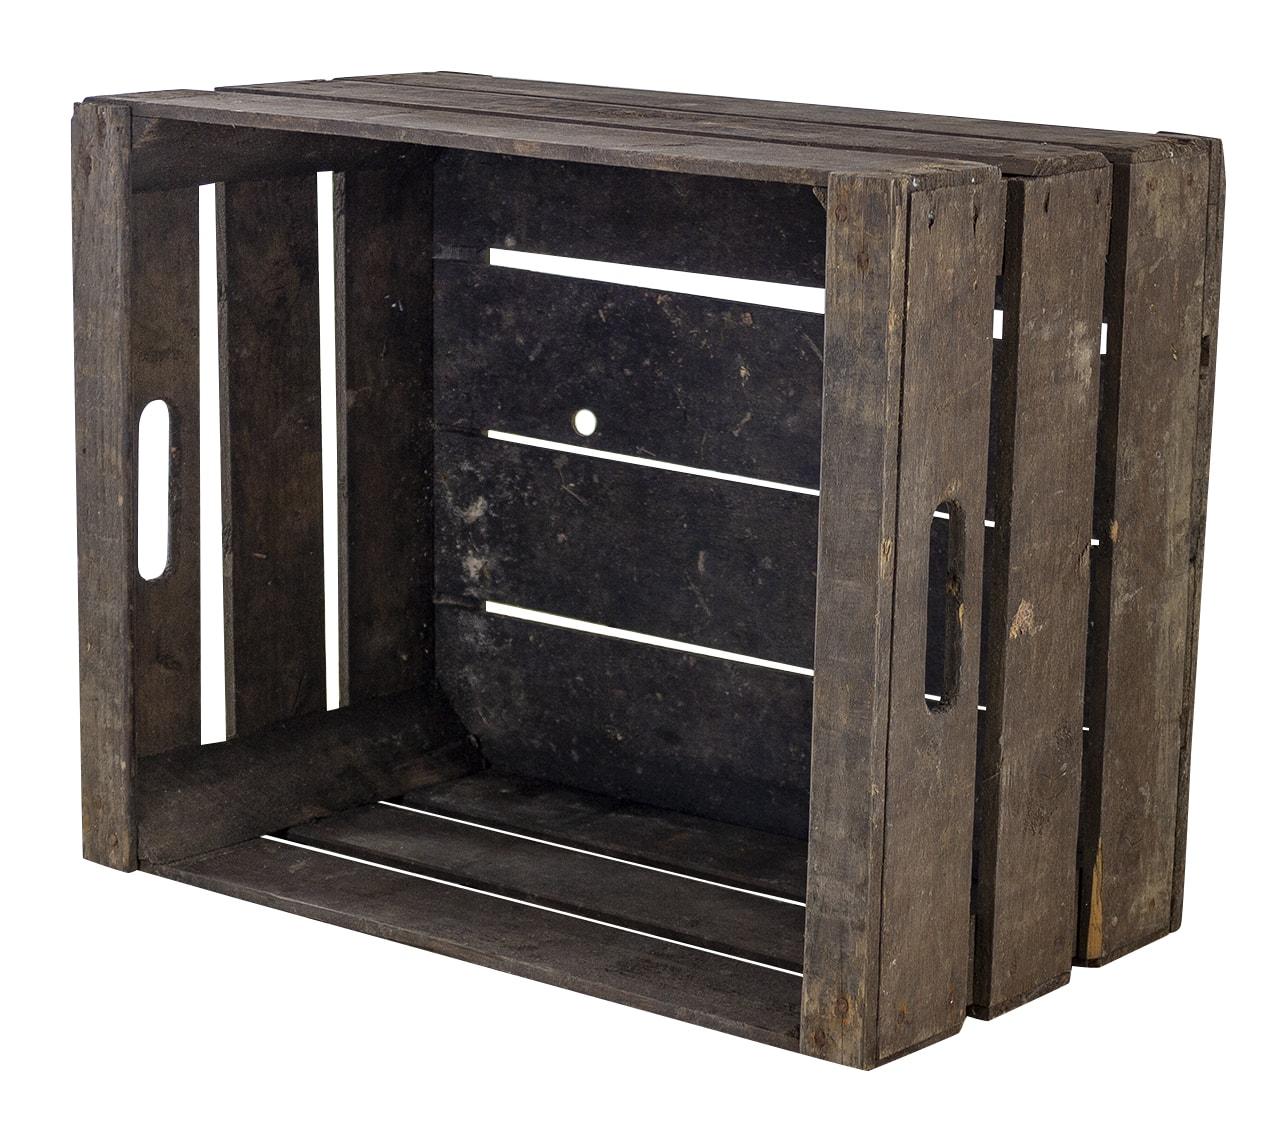 /// B-Ware /// Bundesformat Kiste mit Leiste 49x39x28cm